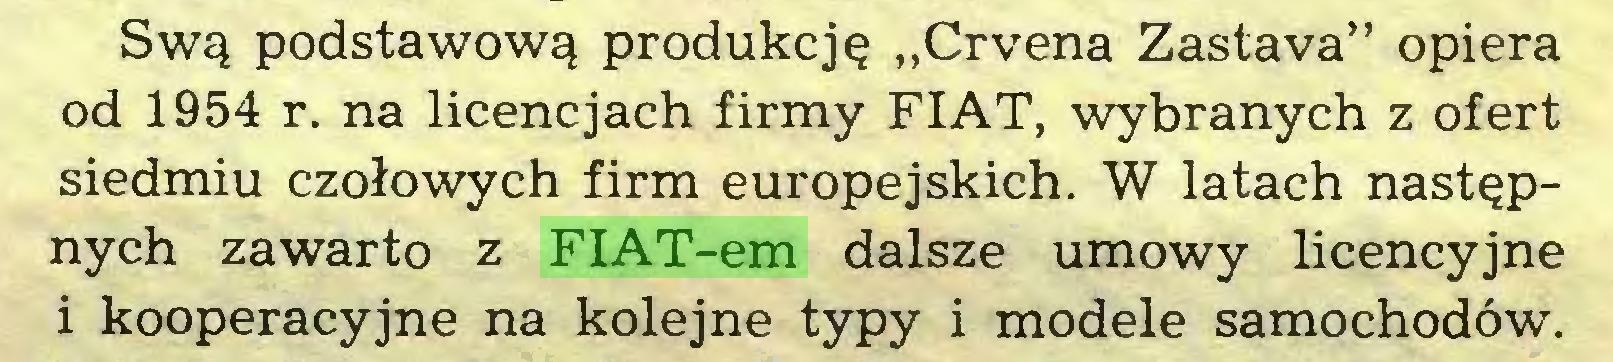 """(...) Swą podstawową produkcję """"Crvena Zastava"""" opiera od 1954 r. na licencjach firmy FIAT, wybranych z ofert siedmiu czołowych firm europejskich. W latach następnych zawarto z FIAT-em dalsze umowy licencyjne i kooperacyjne na kolejne typy i modele samochodów..."""